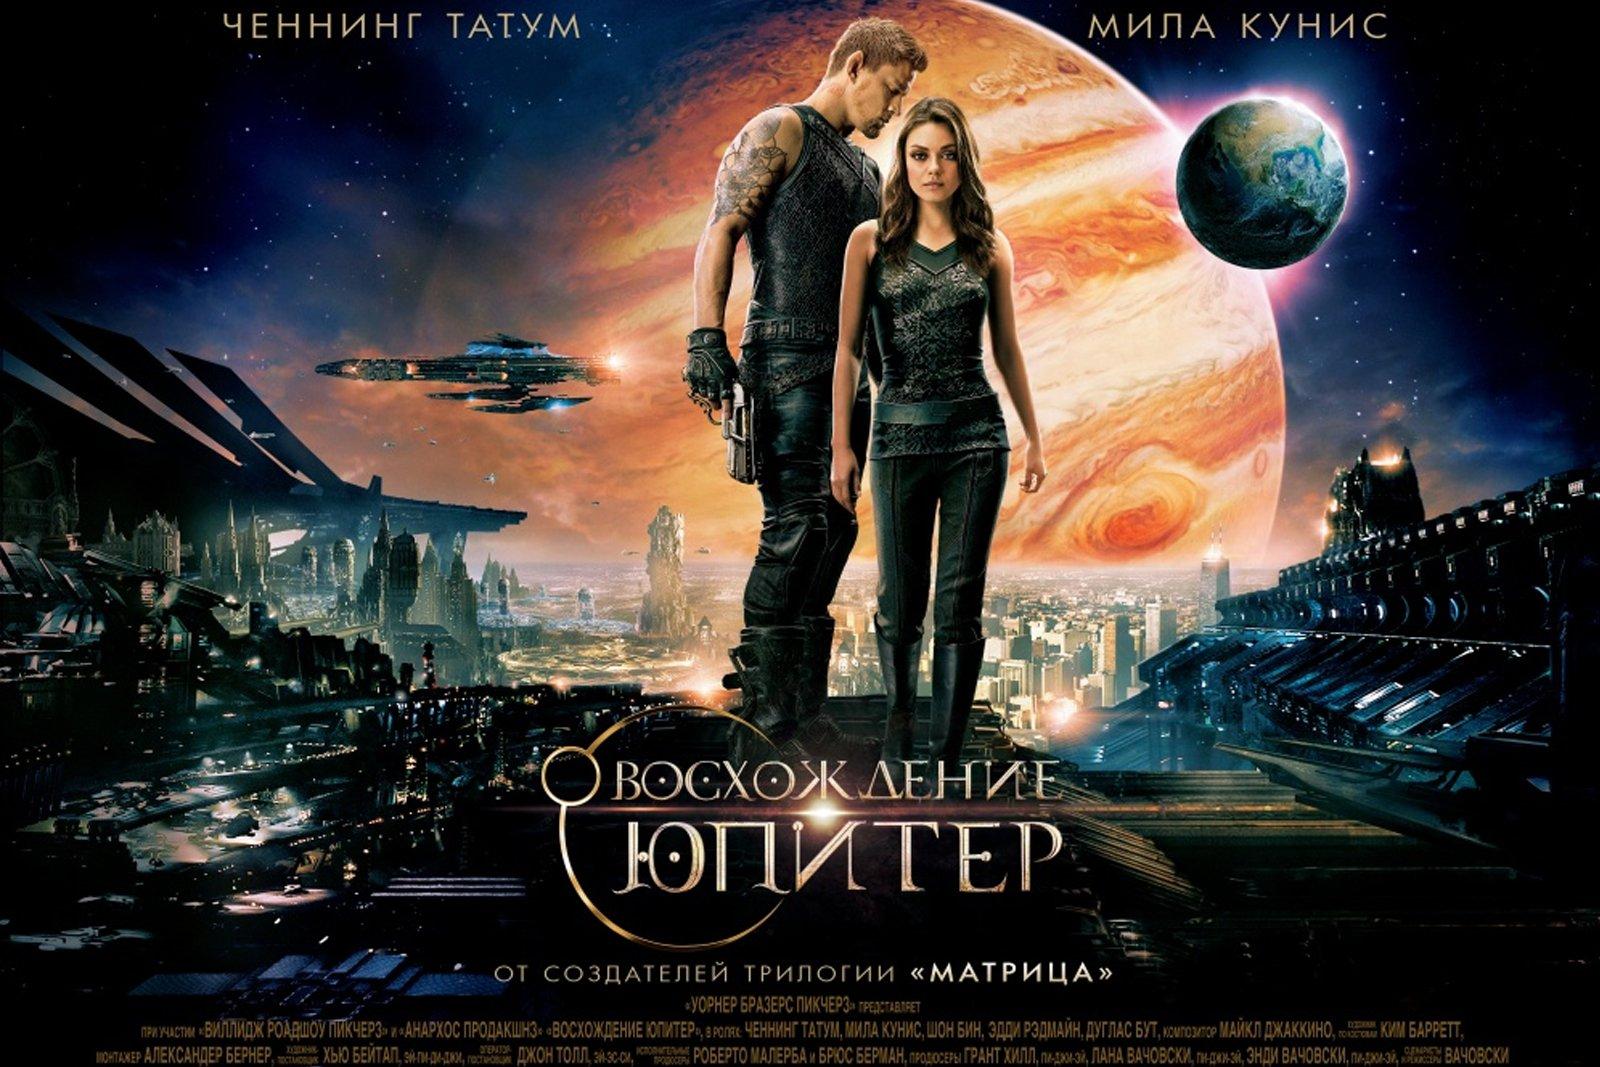 Самые ожидаемые кино премьеры октября 2014